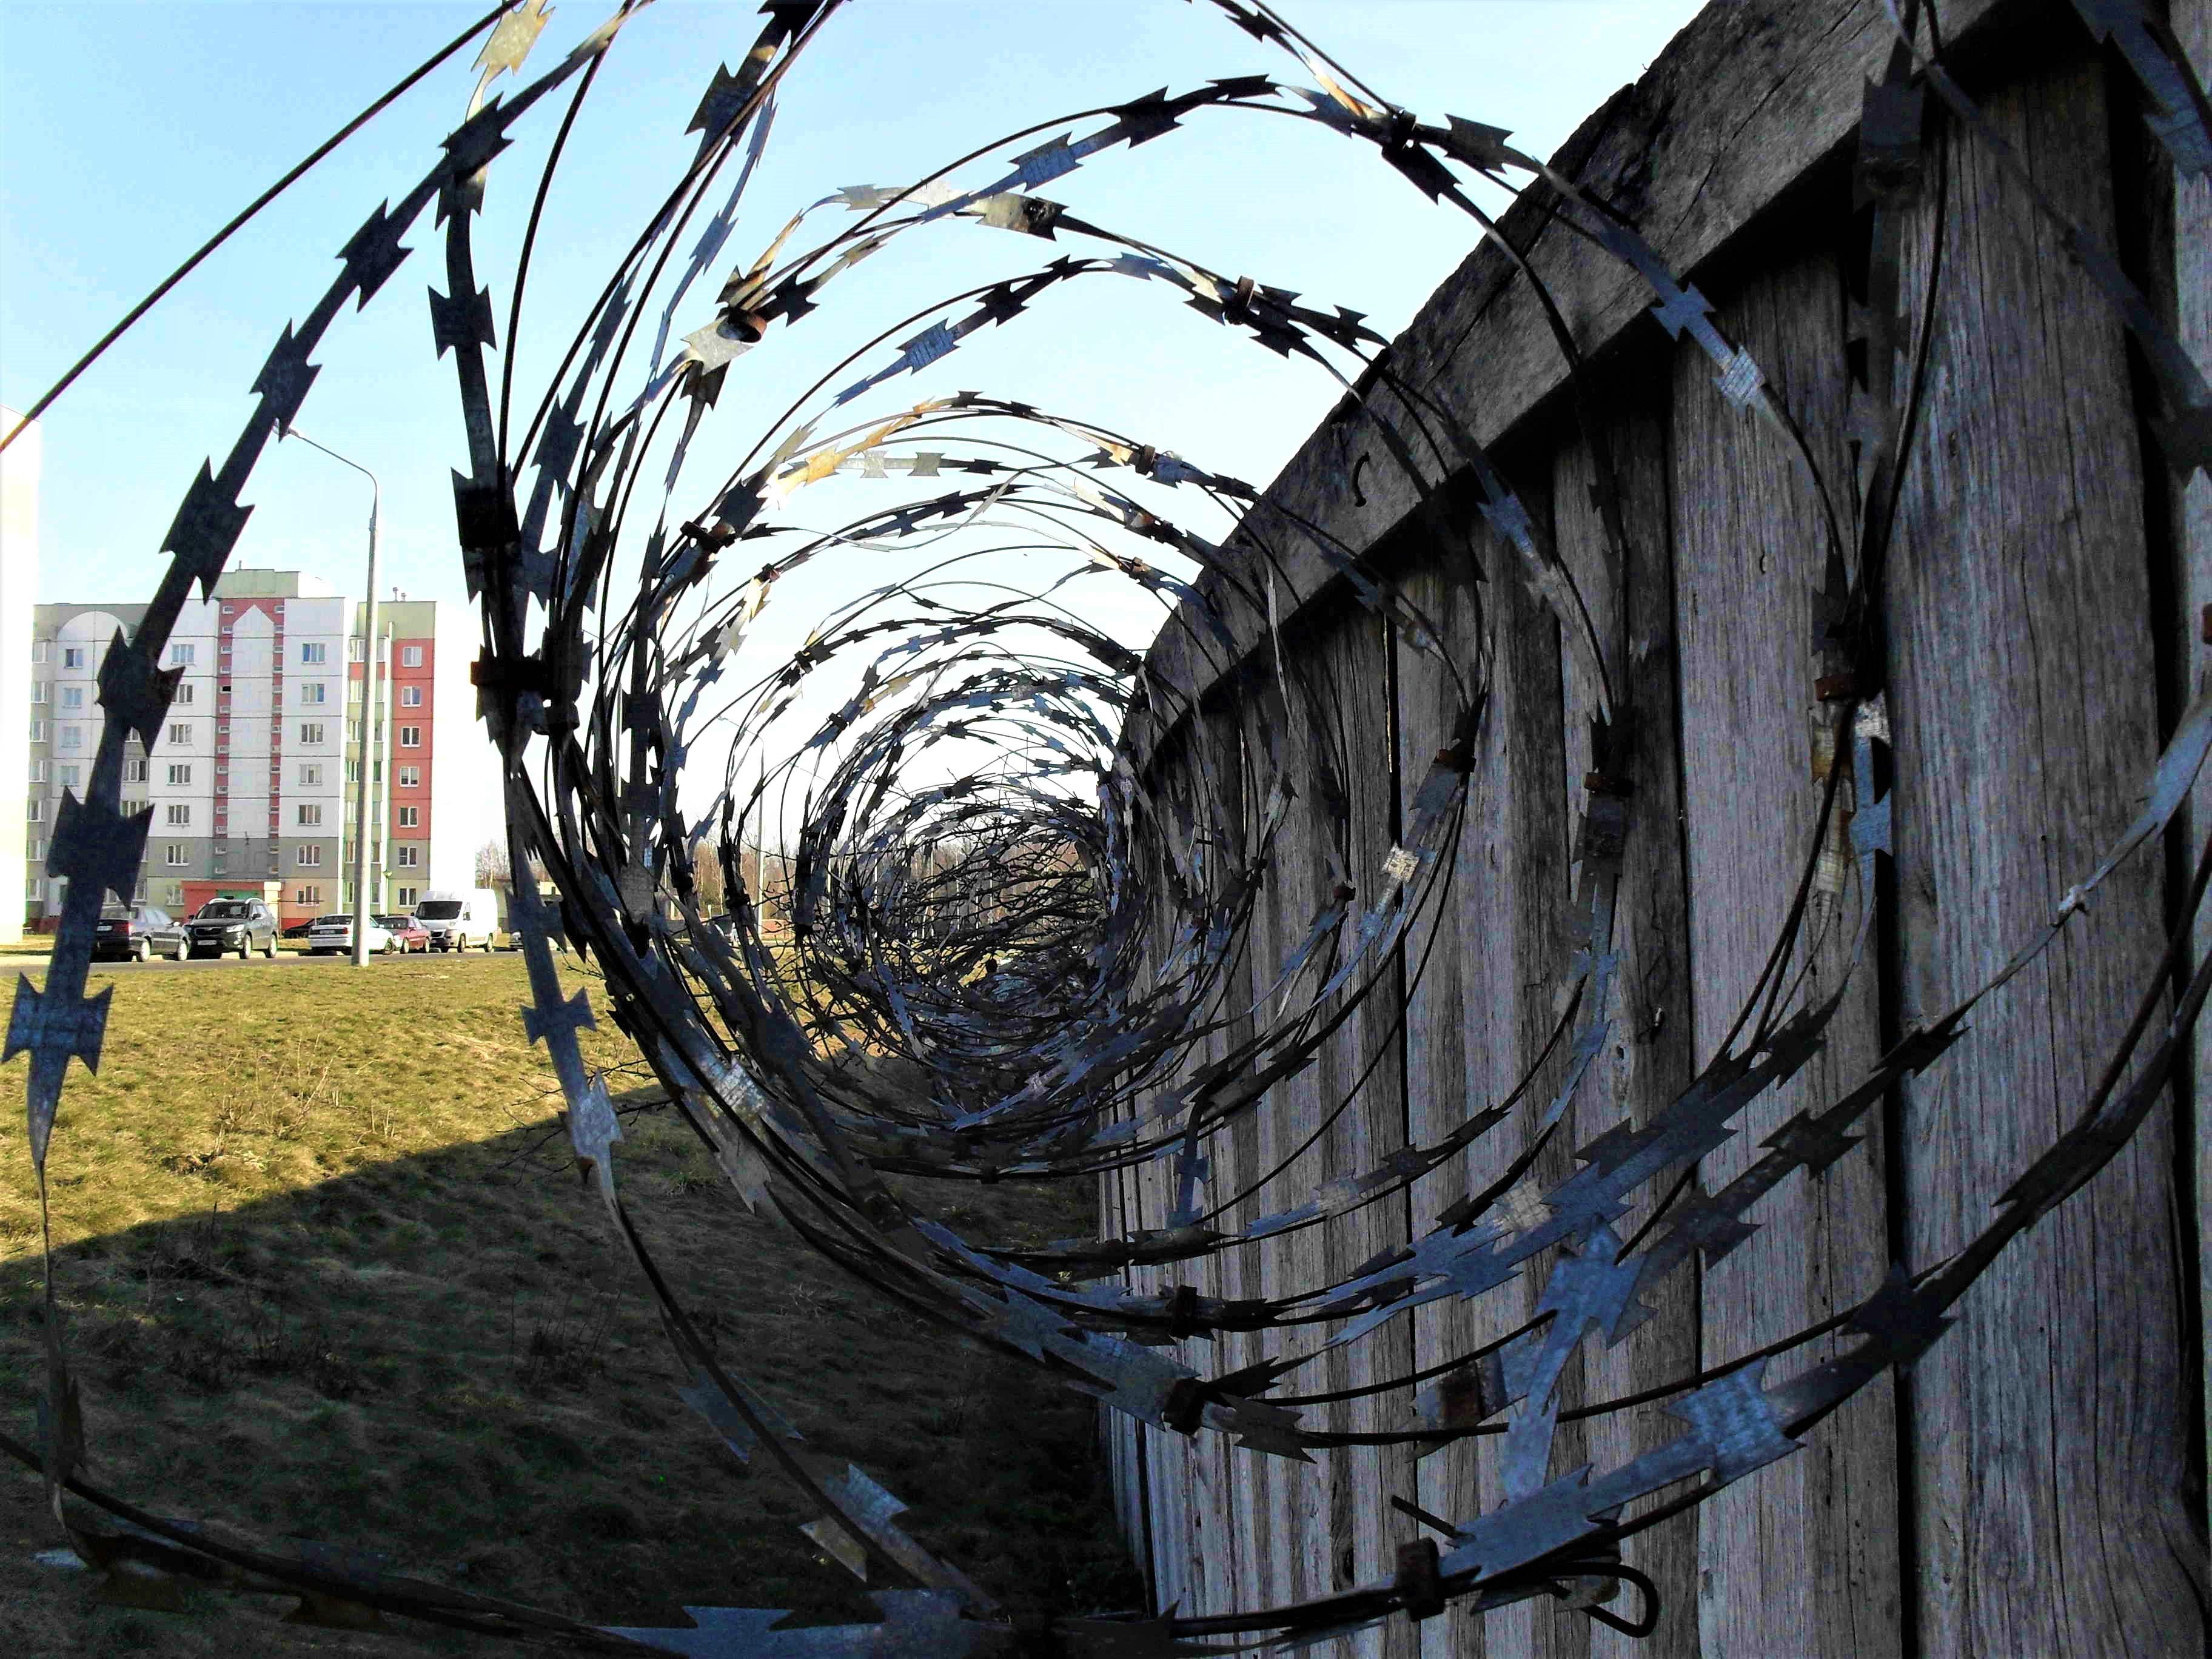 Воспитательная колония №2: как живут подростки в месте на окраине Бобруйска, которое похоже на концлагерь